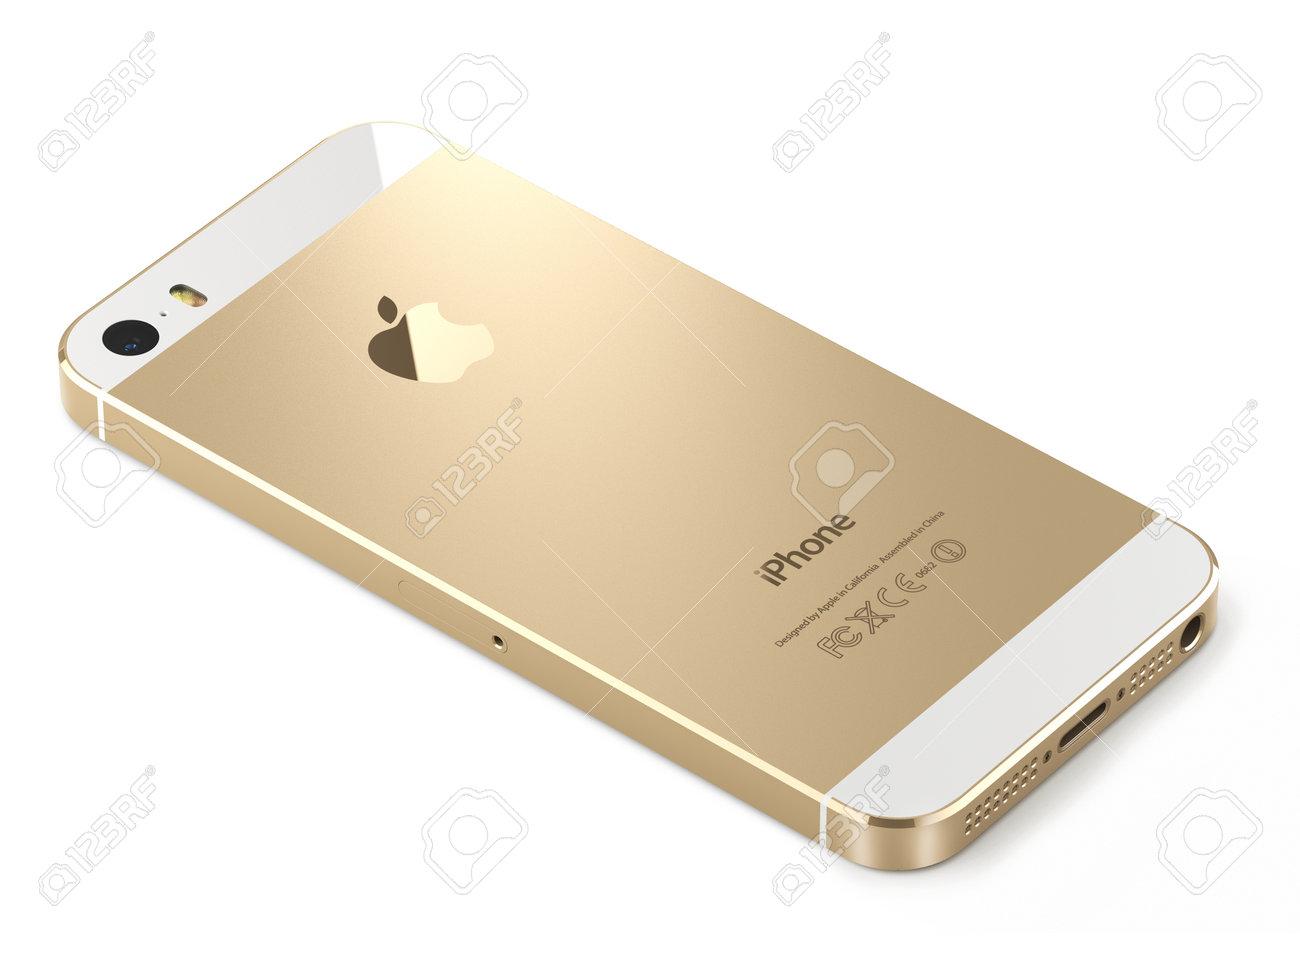 iphone 5s gol